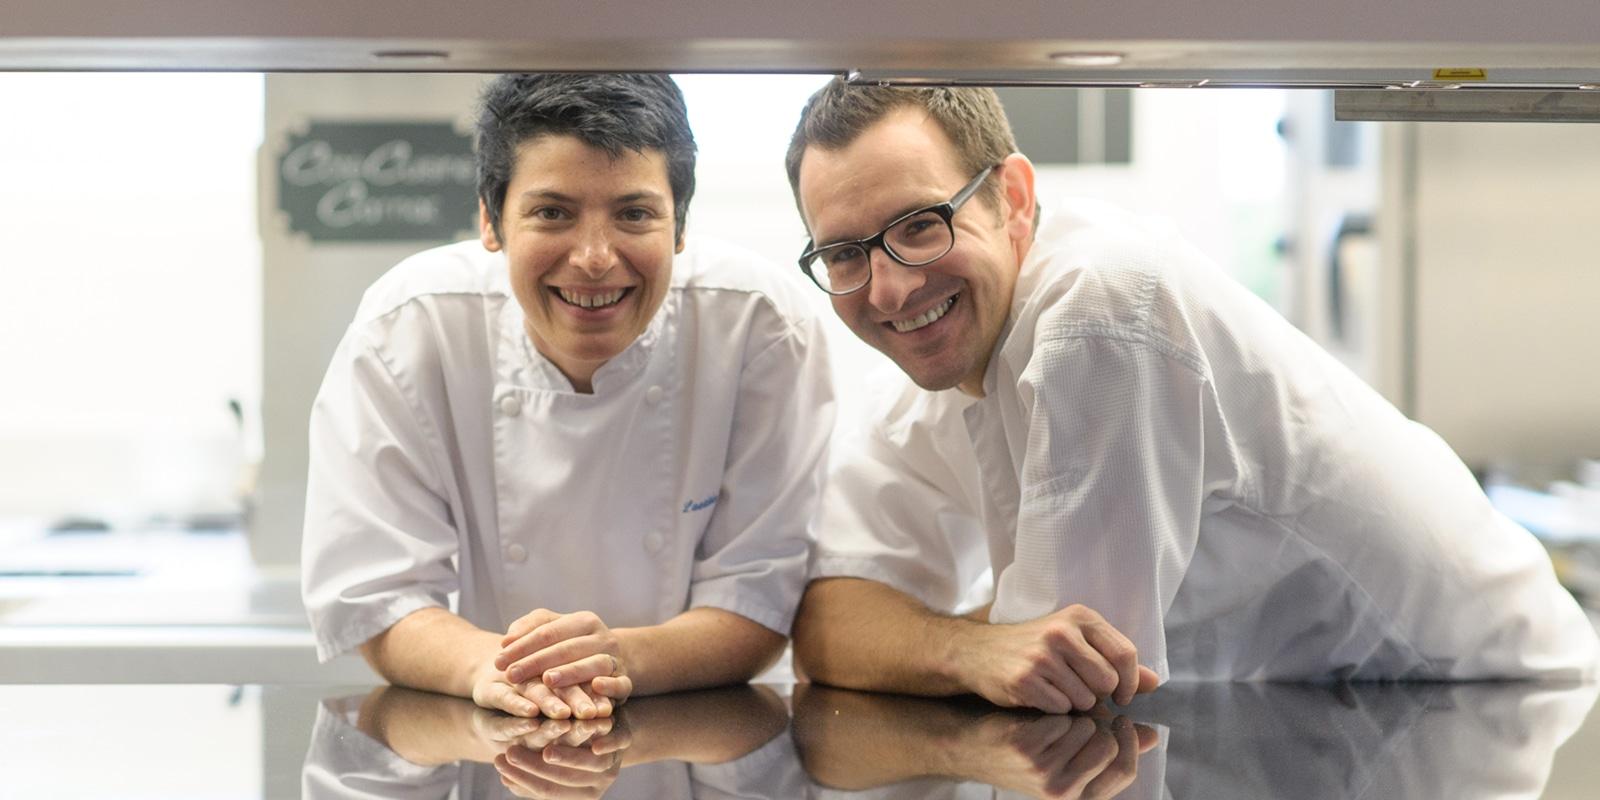 Les chefs du restaurant étoilé Côté Cuisine à Carnac